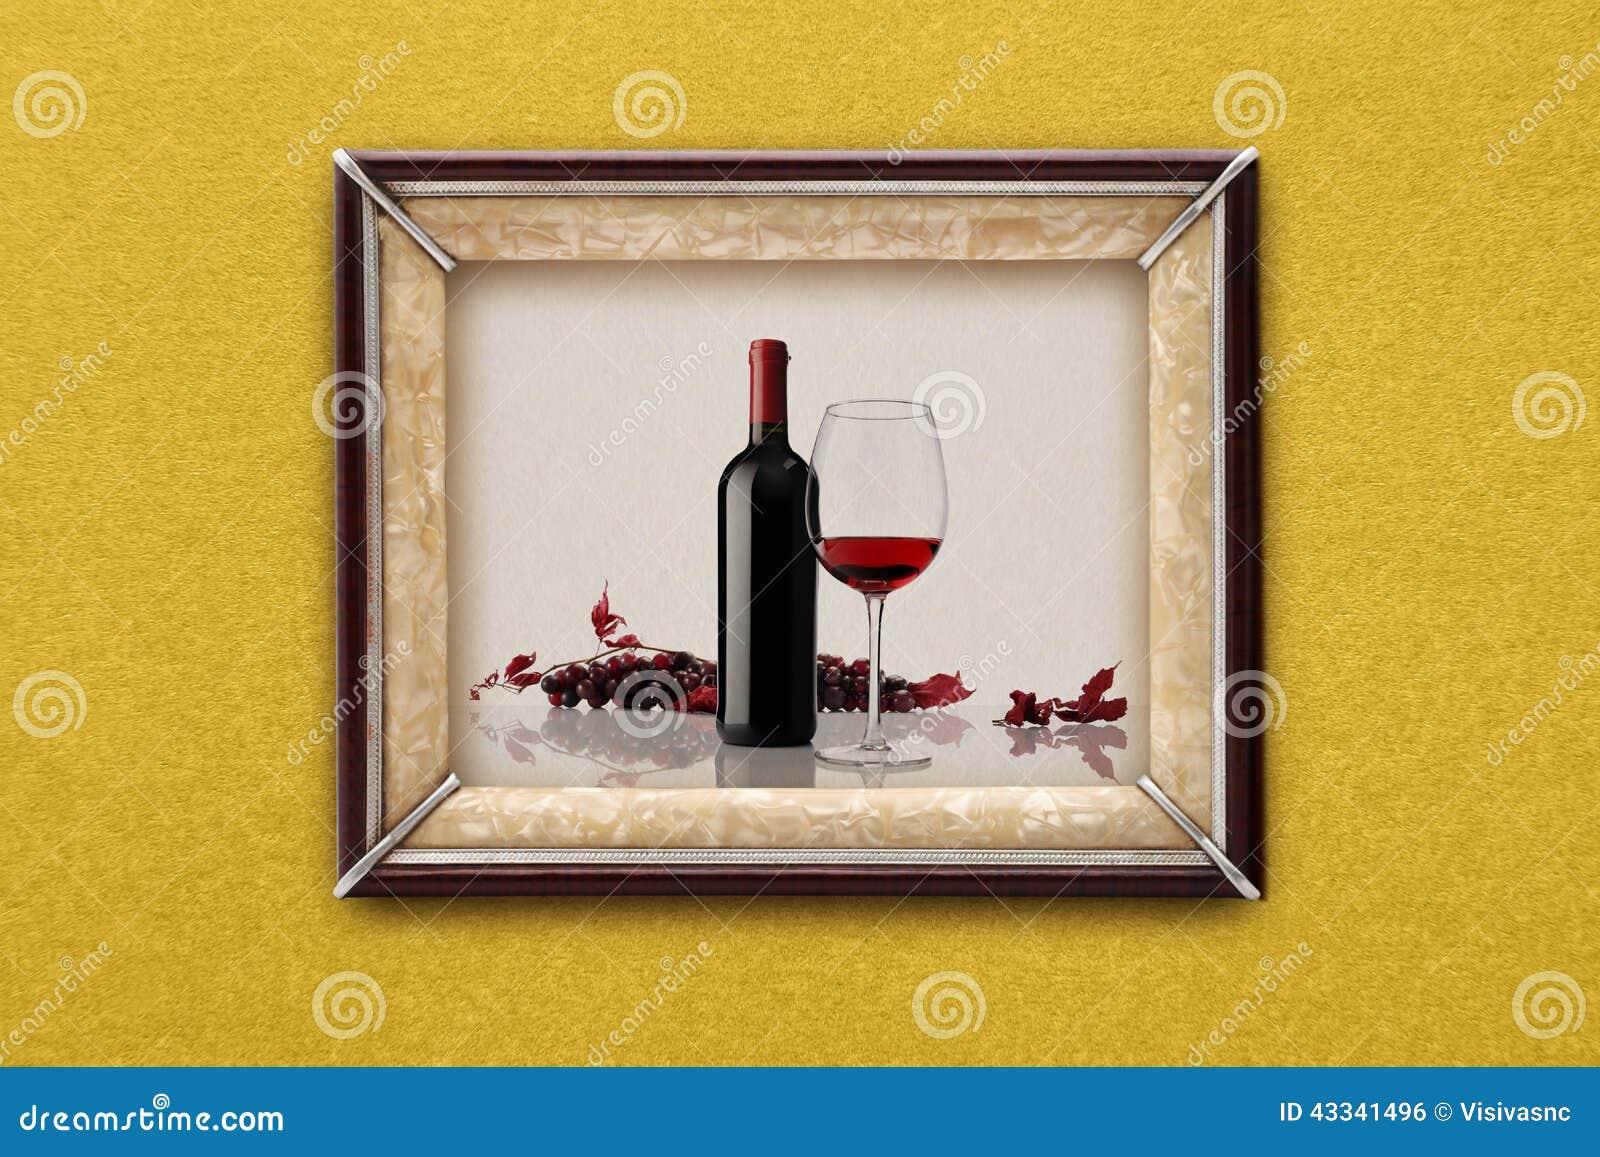 Flasche Und Glas Wein Im Bilderrahmen Auf Der Wand Stockfoto - Bild ...